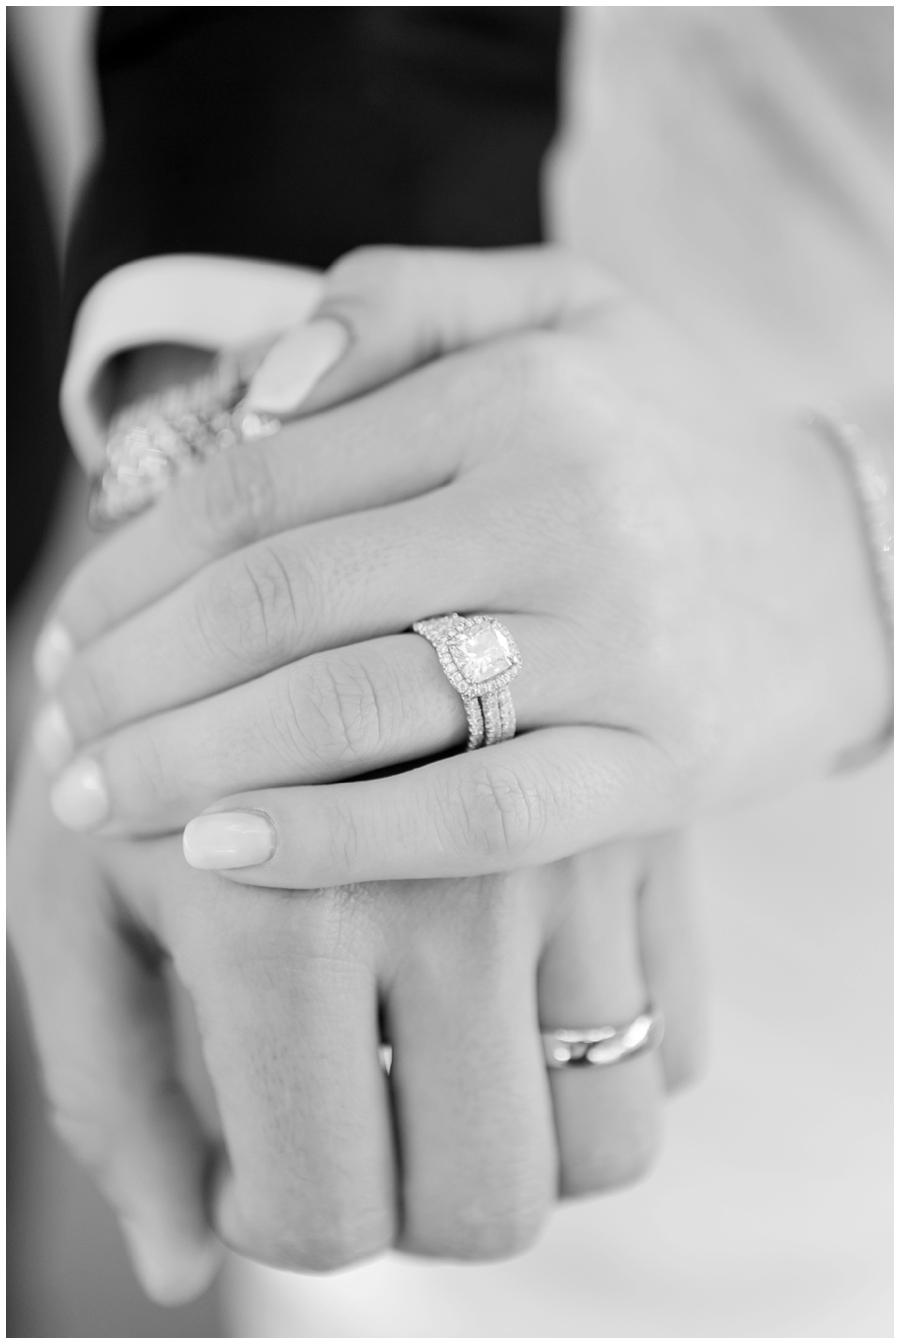 Ariane Moshayedi Photography - Wedding Photographer Orange County Newport Beach_0252.jpg